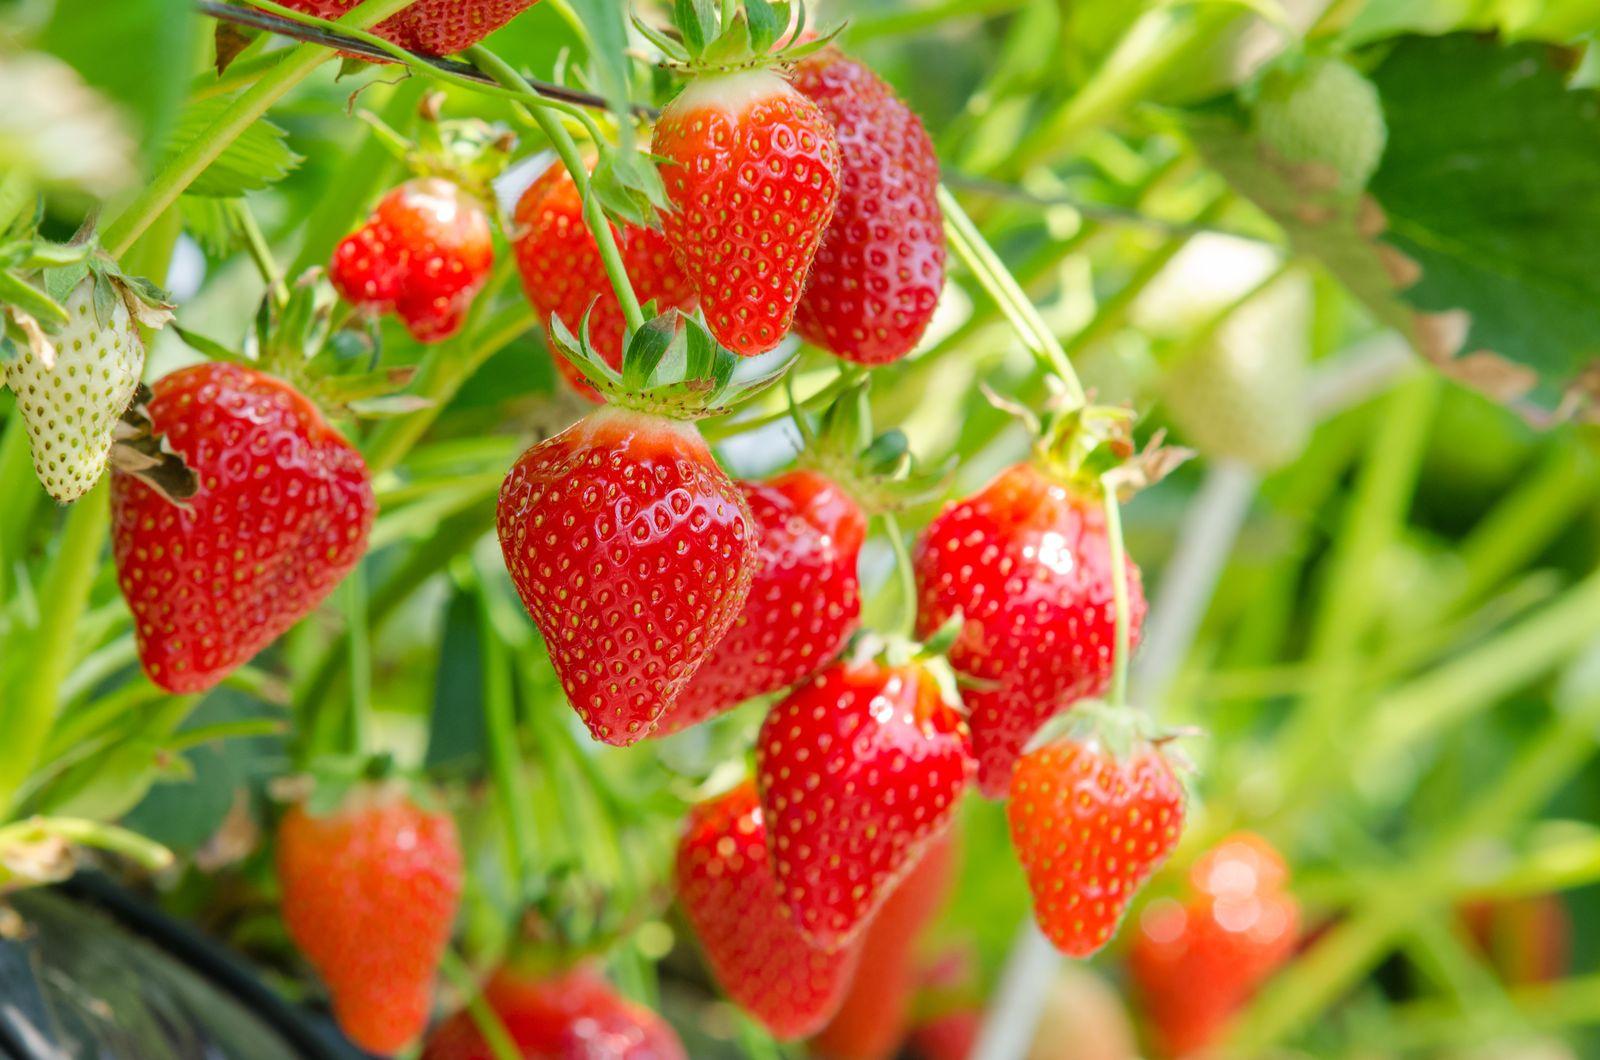 Etwas Neues genug Erdbeersorten: Robuste, immertragende & frühreife (Übersicht @NS_68